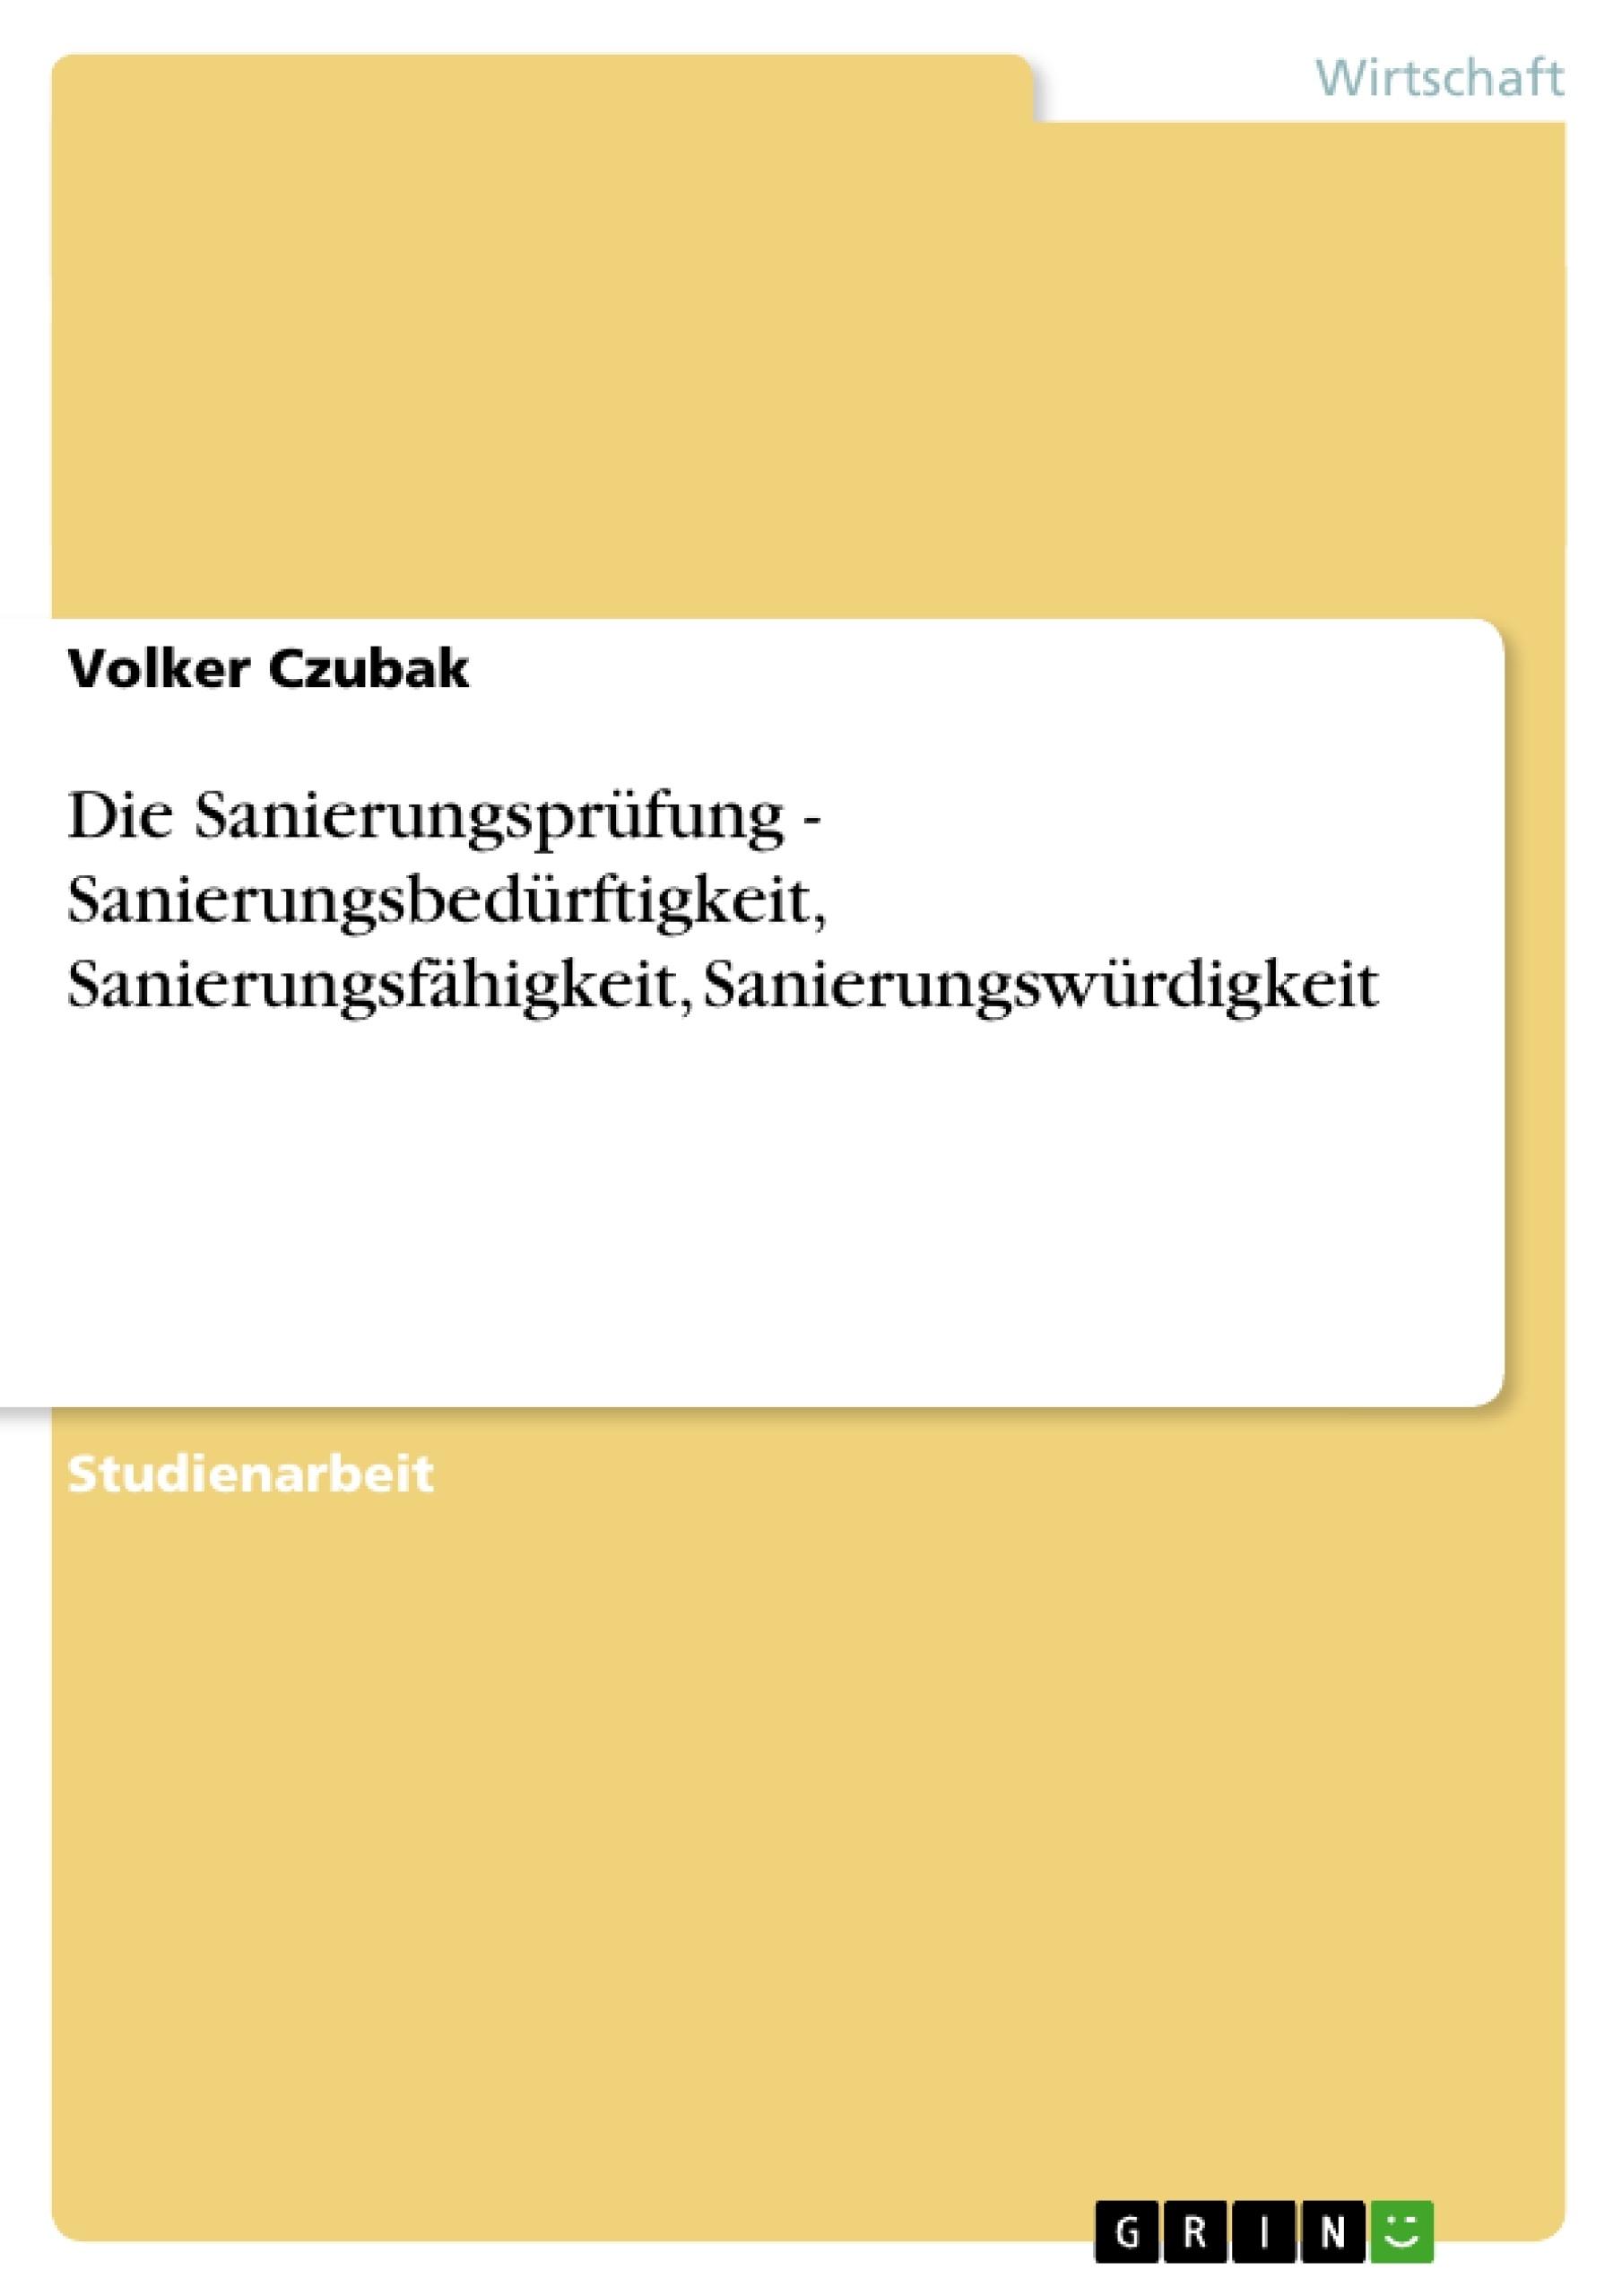 Titel: Die Sanierungsprüfung - Sanierungsbedürftigkeit, Sanierungsfähigkeit, Sanierungswürdigkeit